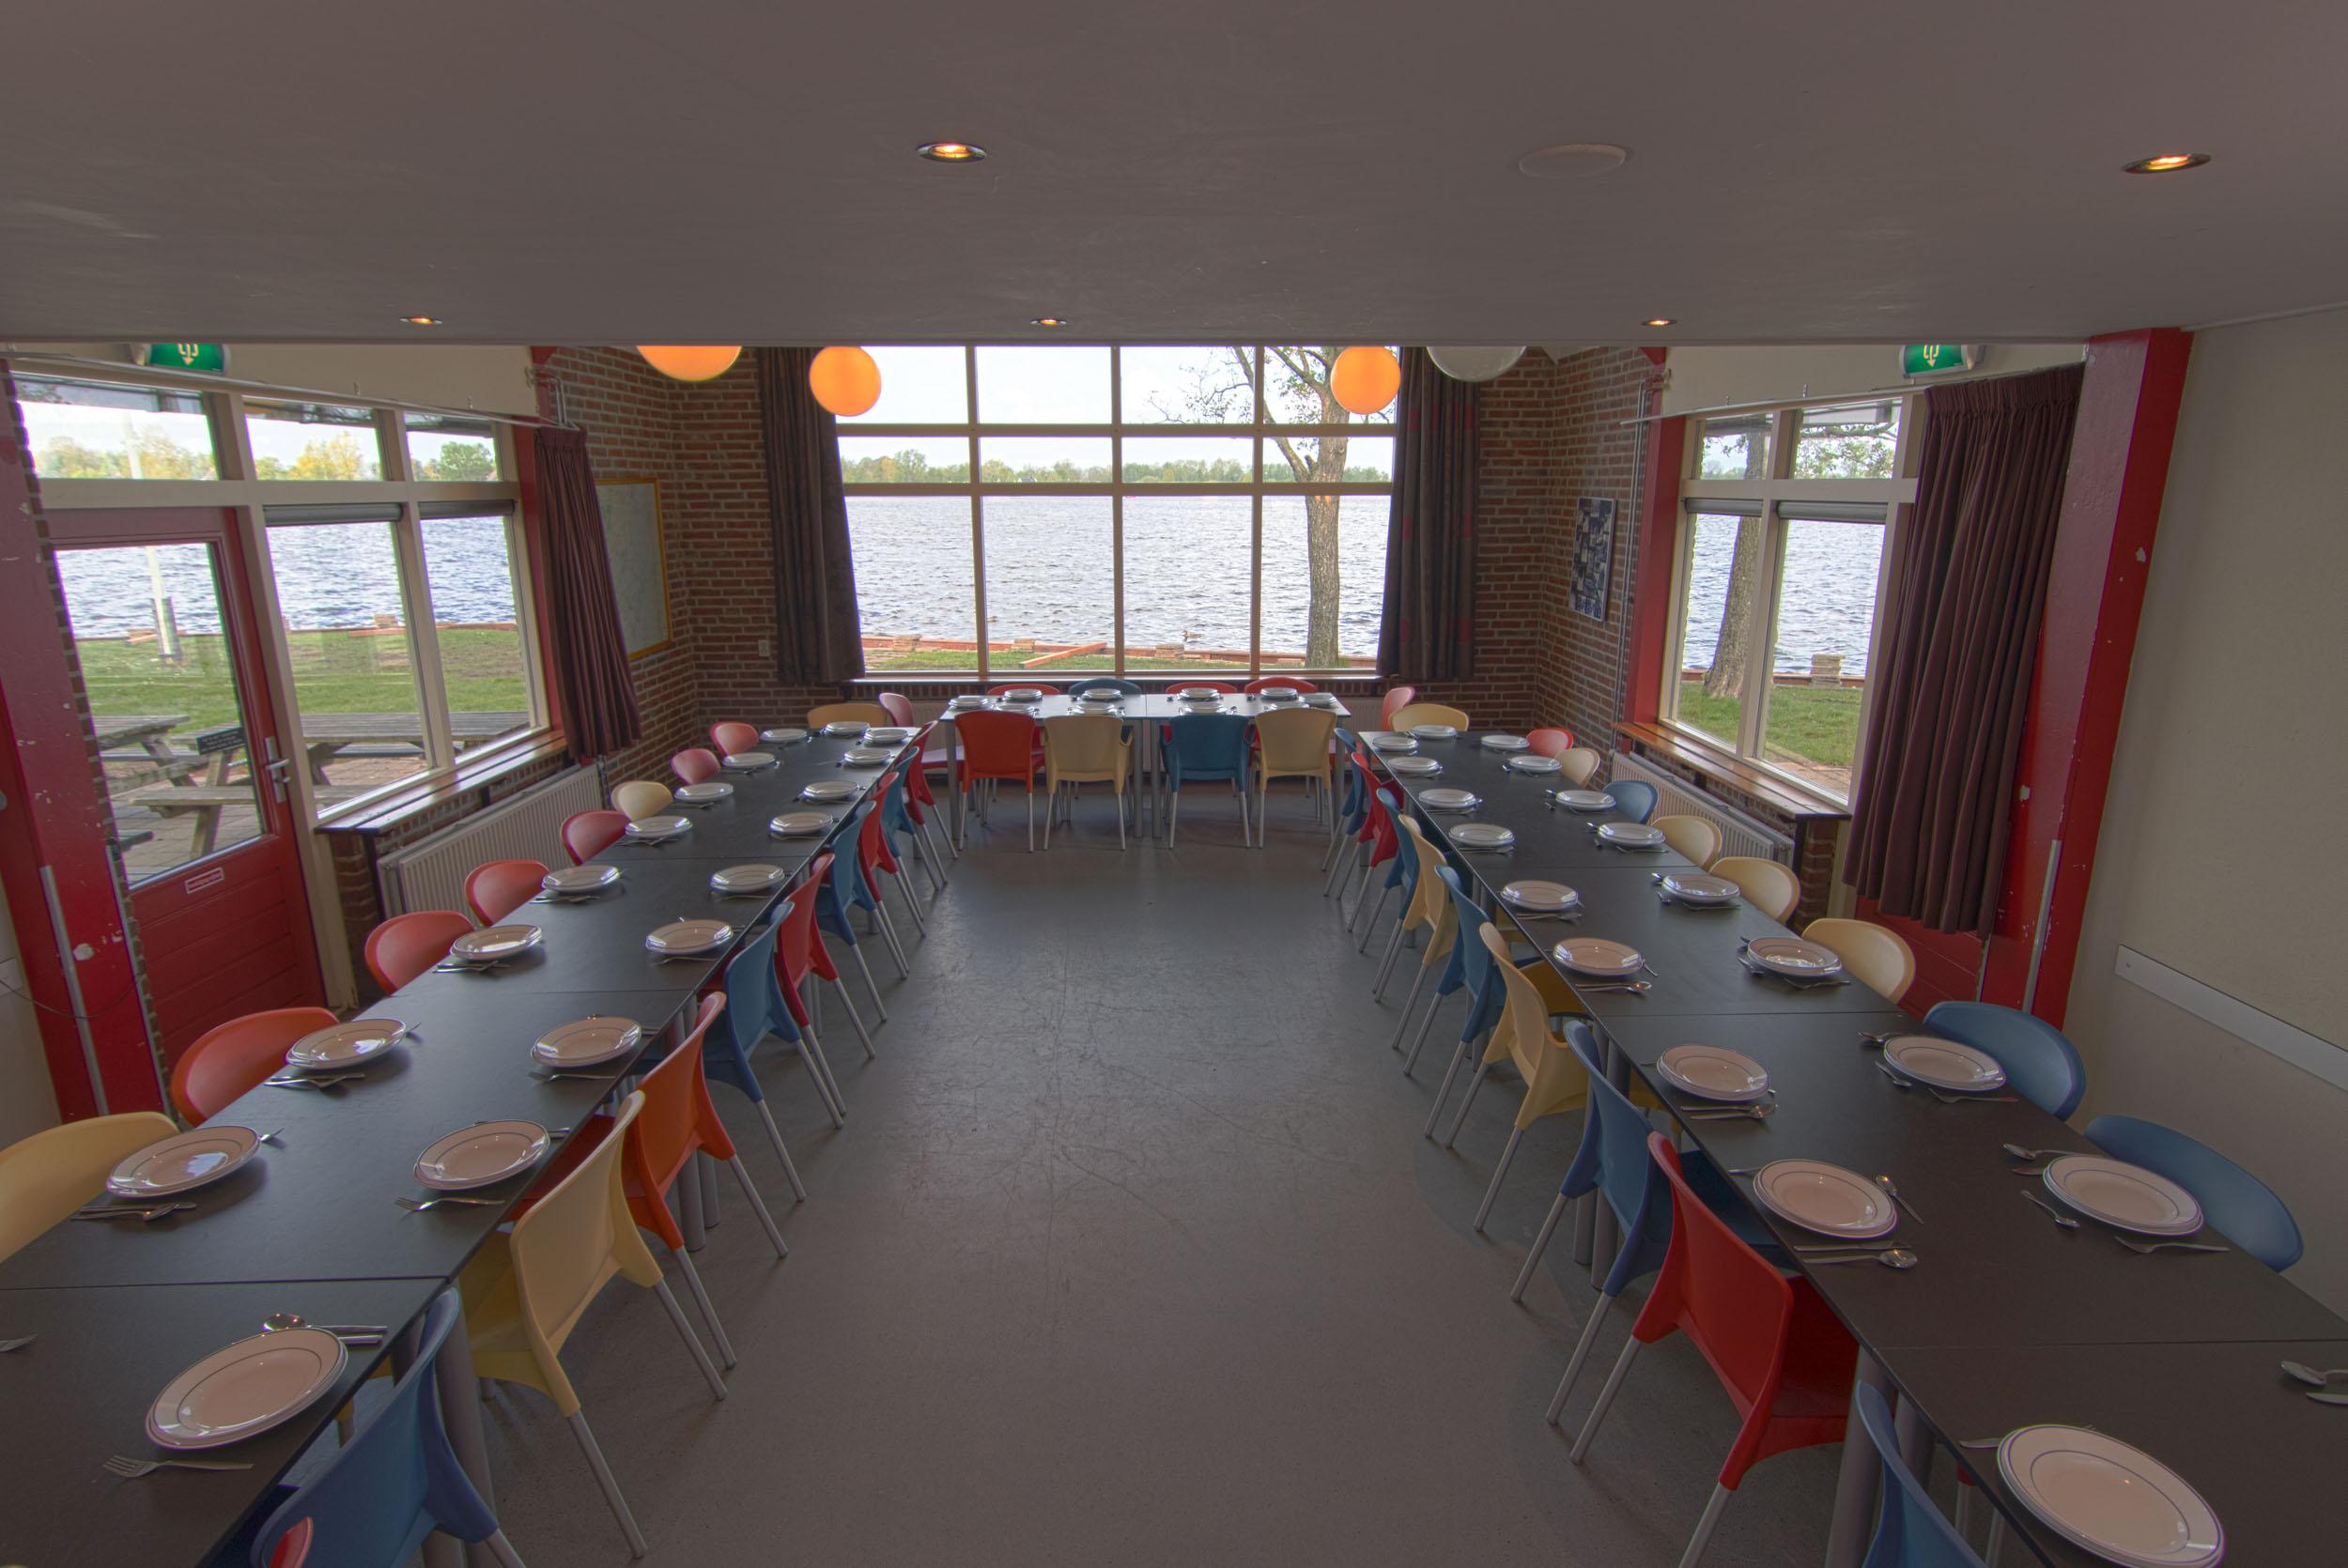 Eetzaal-met-gedekte-tafels-en-uitzicht-over-het-Wijde-Wiede - 2500px.jpg